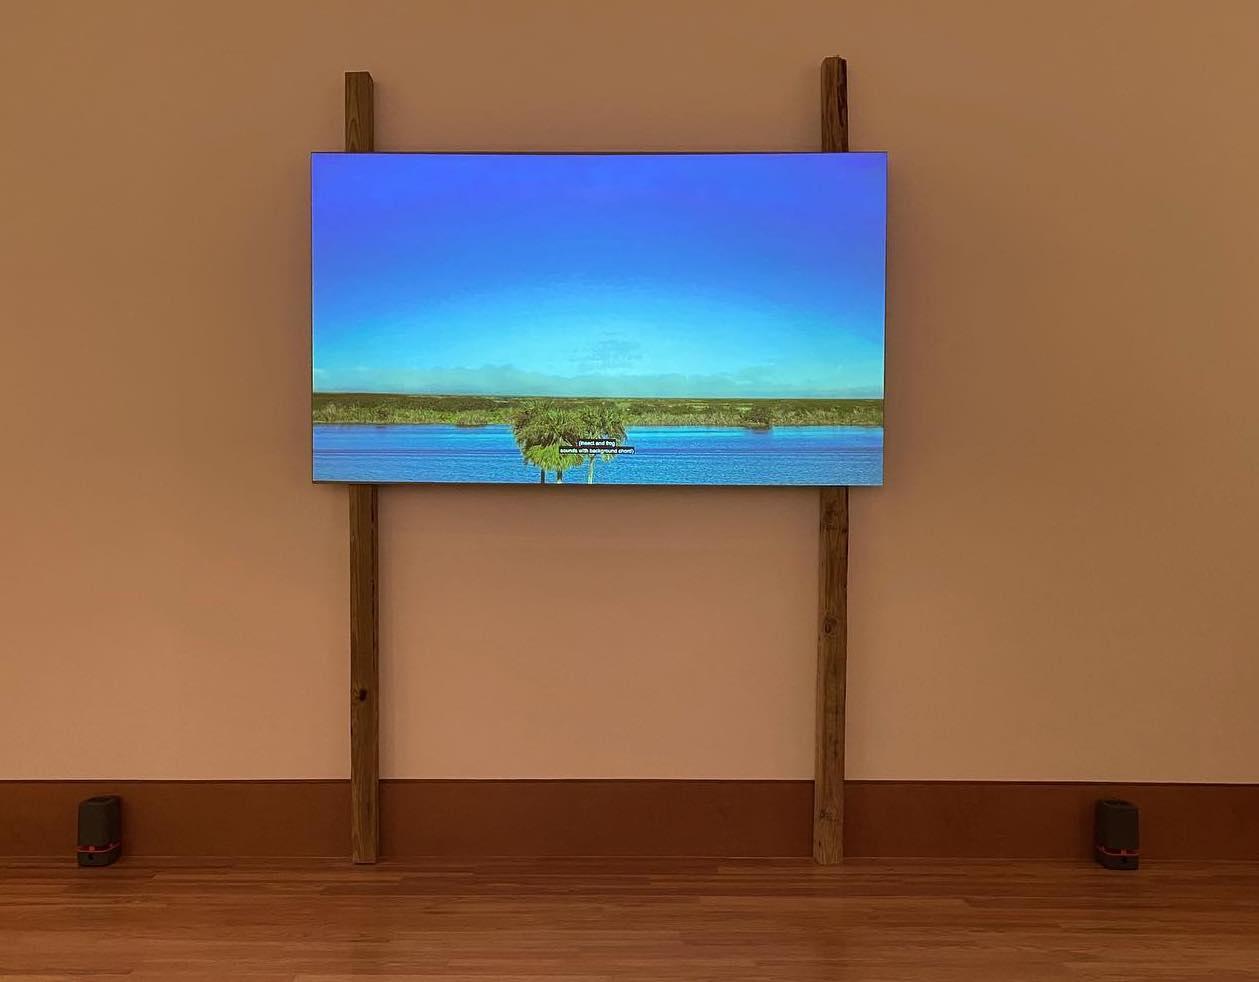 IMA alumna Sasha Wortzel's installation image